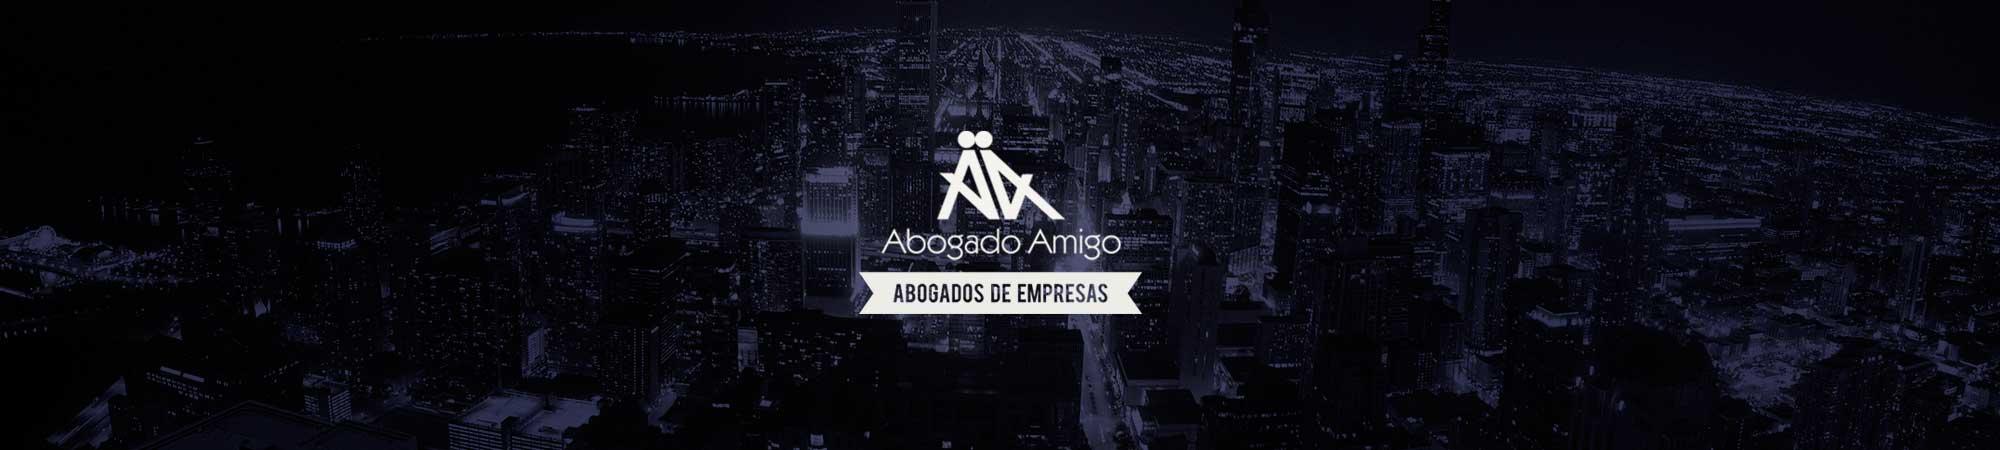 abogados empresa Cartagena abogado mercantil comercial negocio